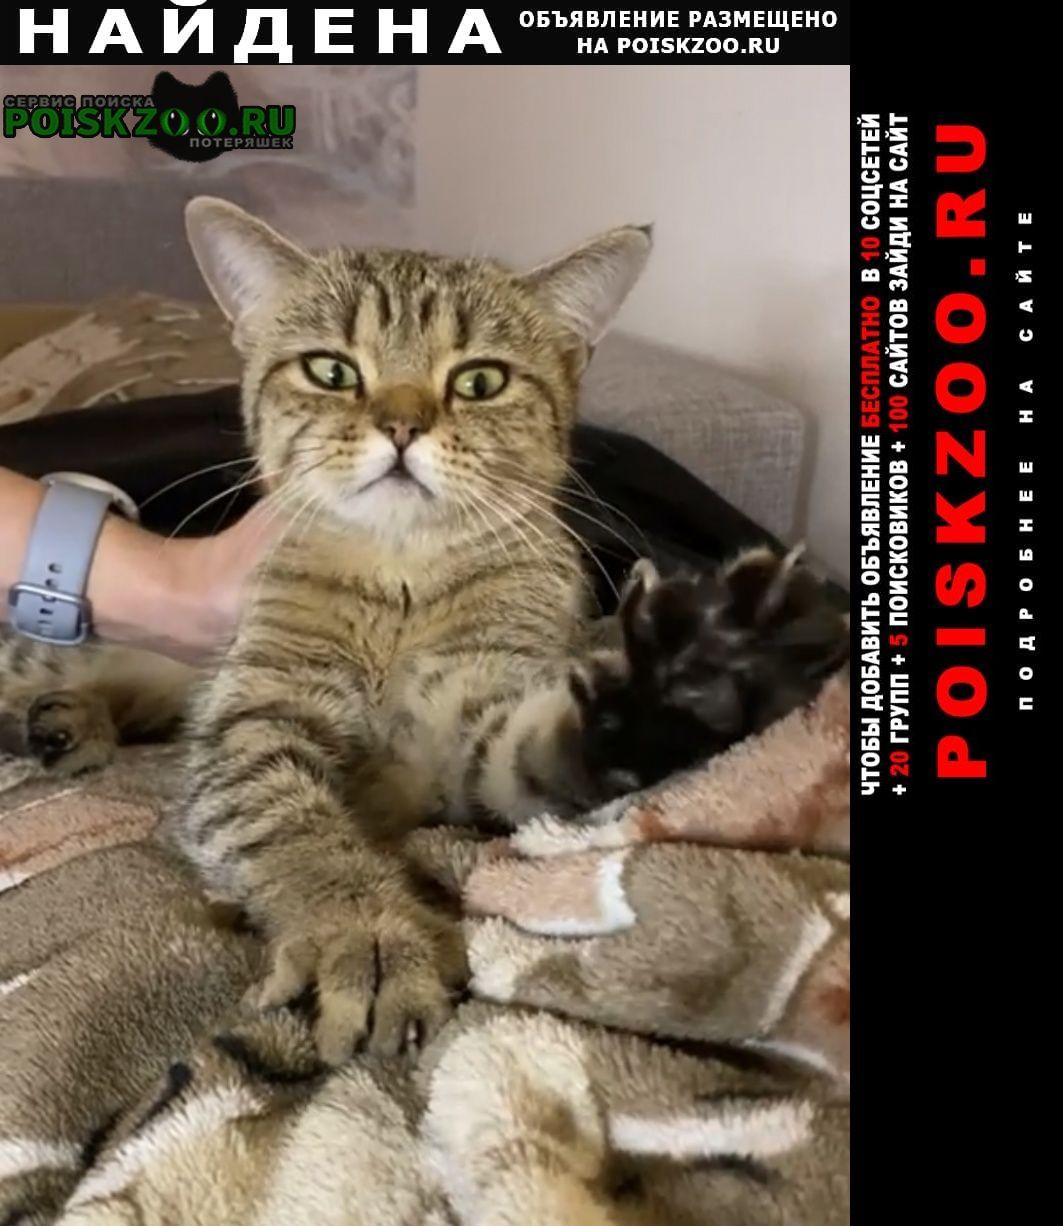 Найдена кошка в районе дер-ни картмазово Московский